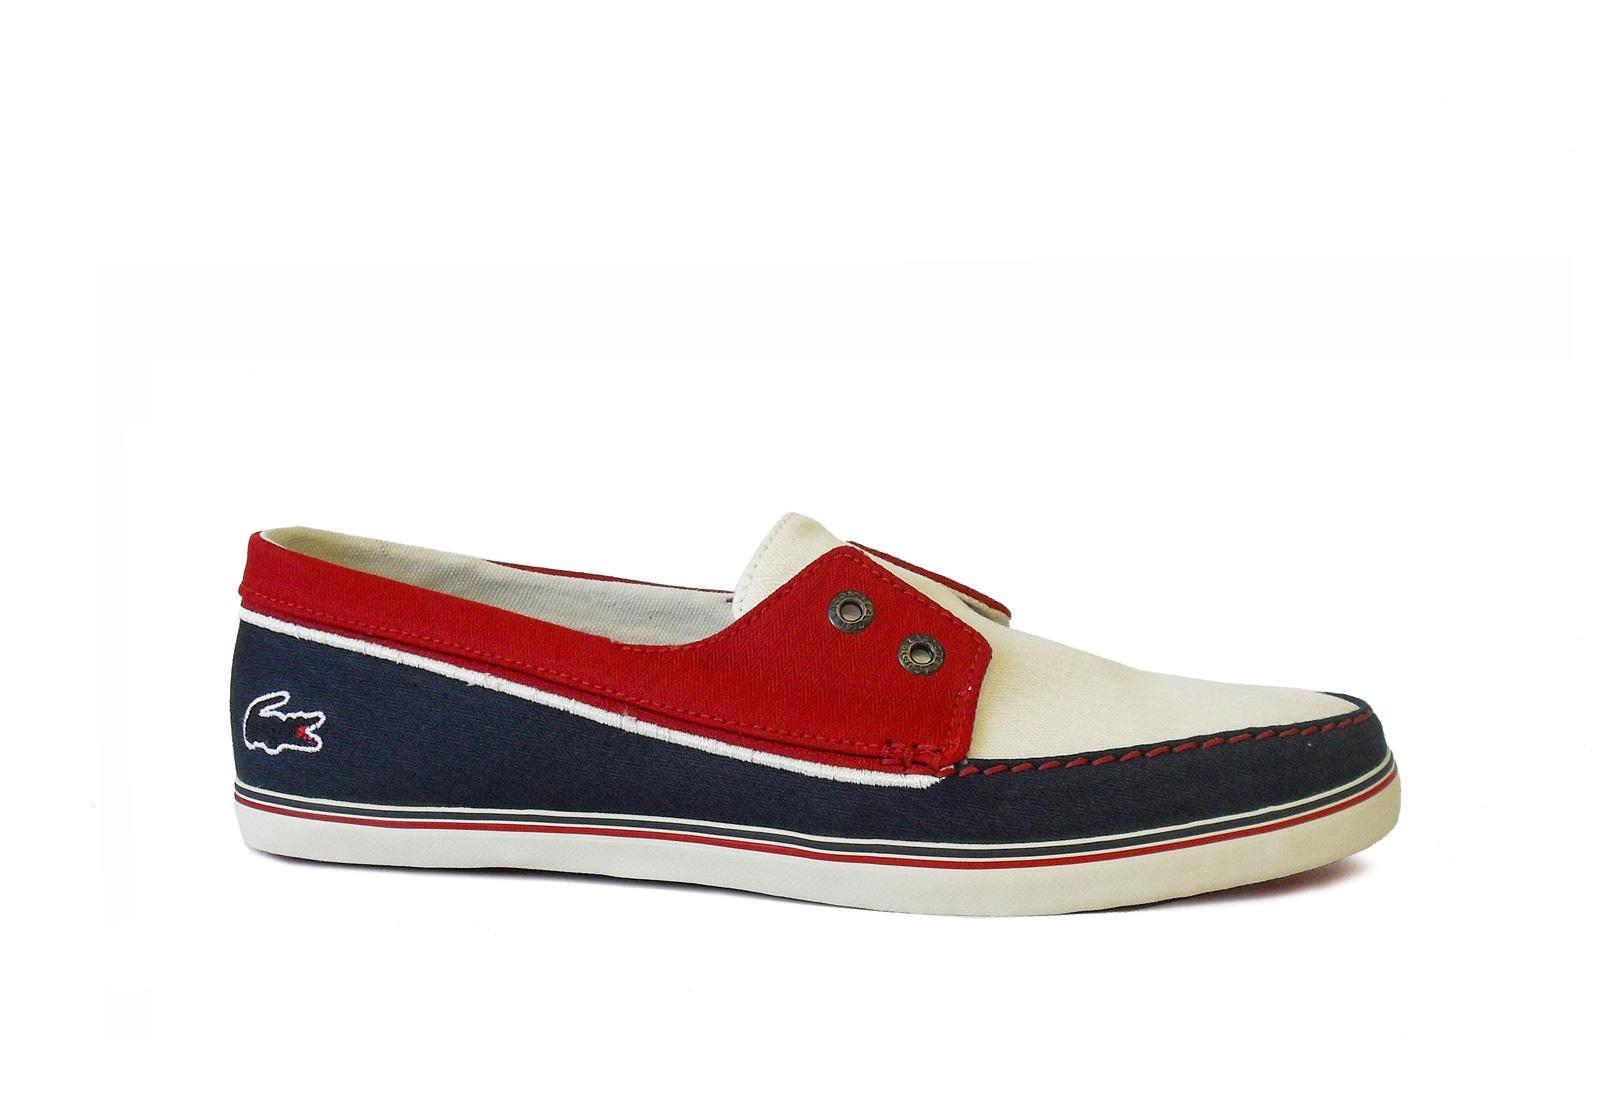 Lacoste Cipő - Lanas - 13S-2245-407 - Office Shoes Magyarország a1eb4d9c68